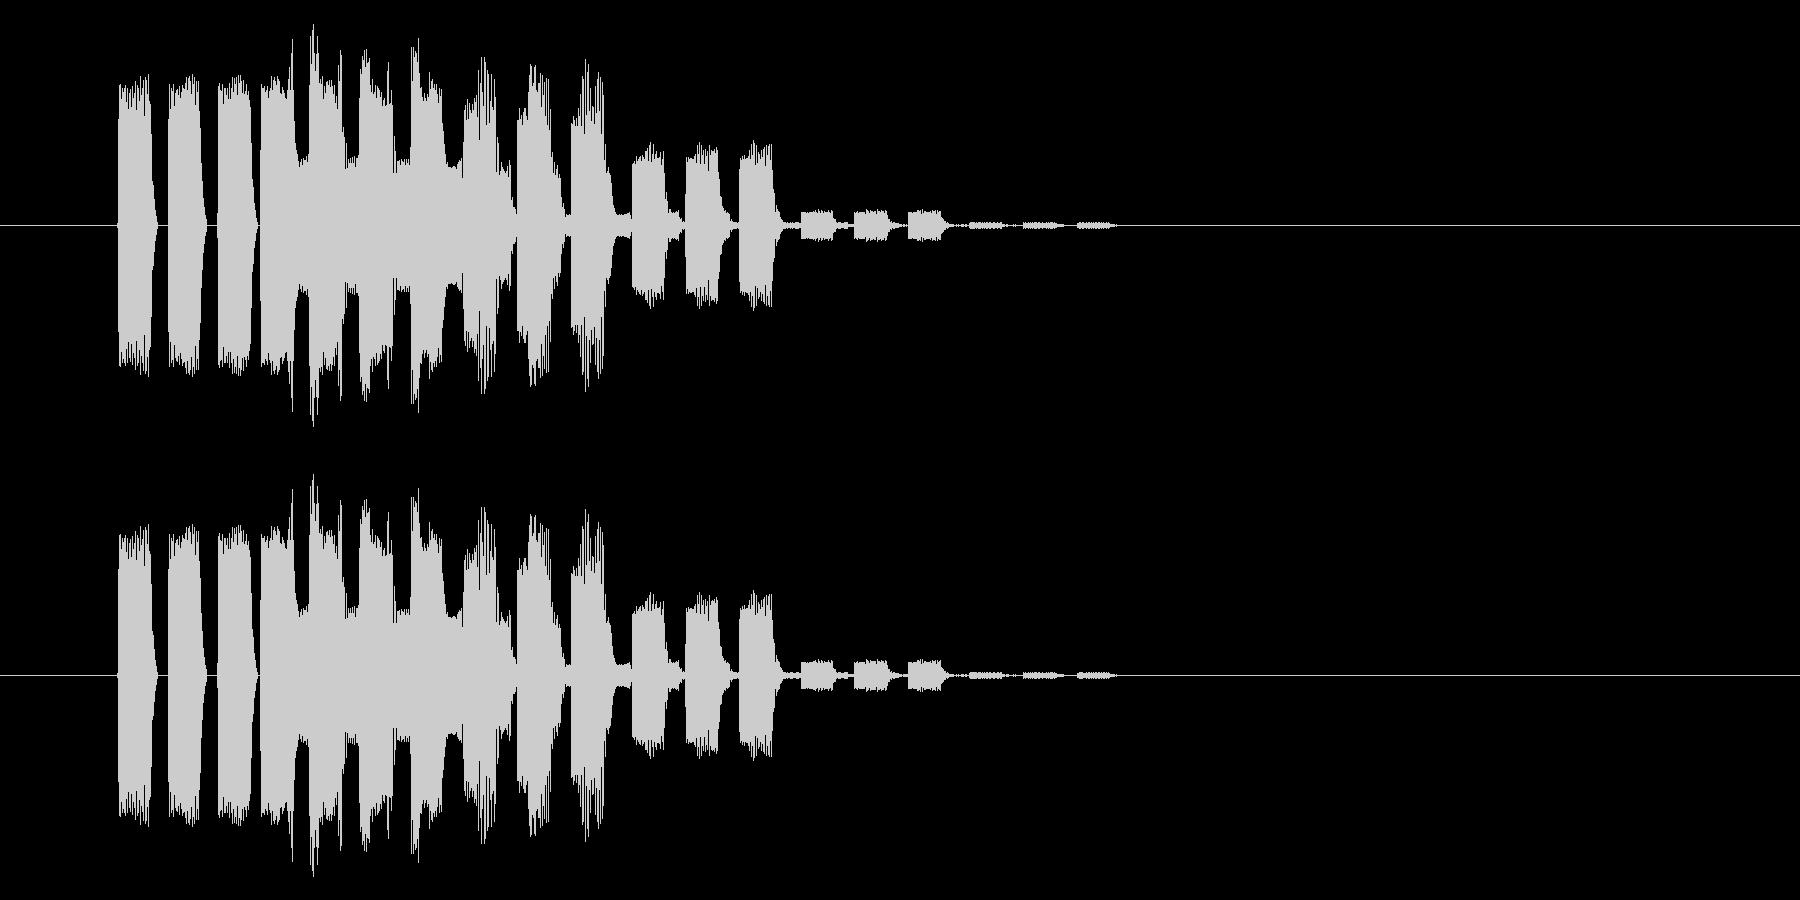 SNES-RPG04-12(魔法 回復)の未再生の波形